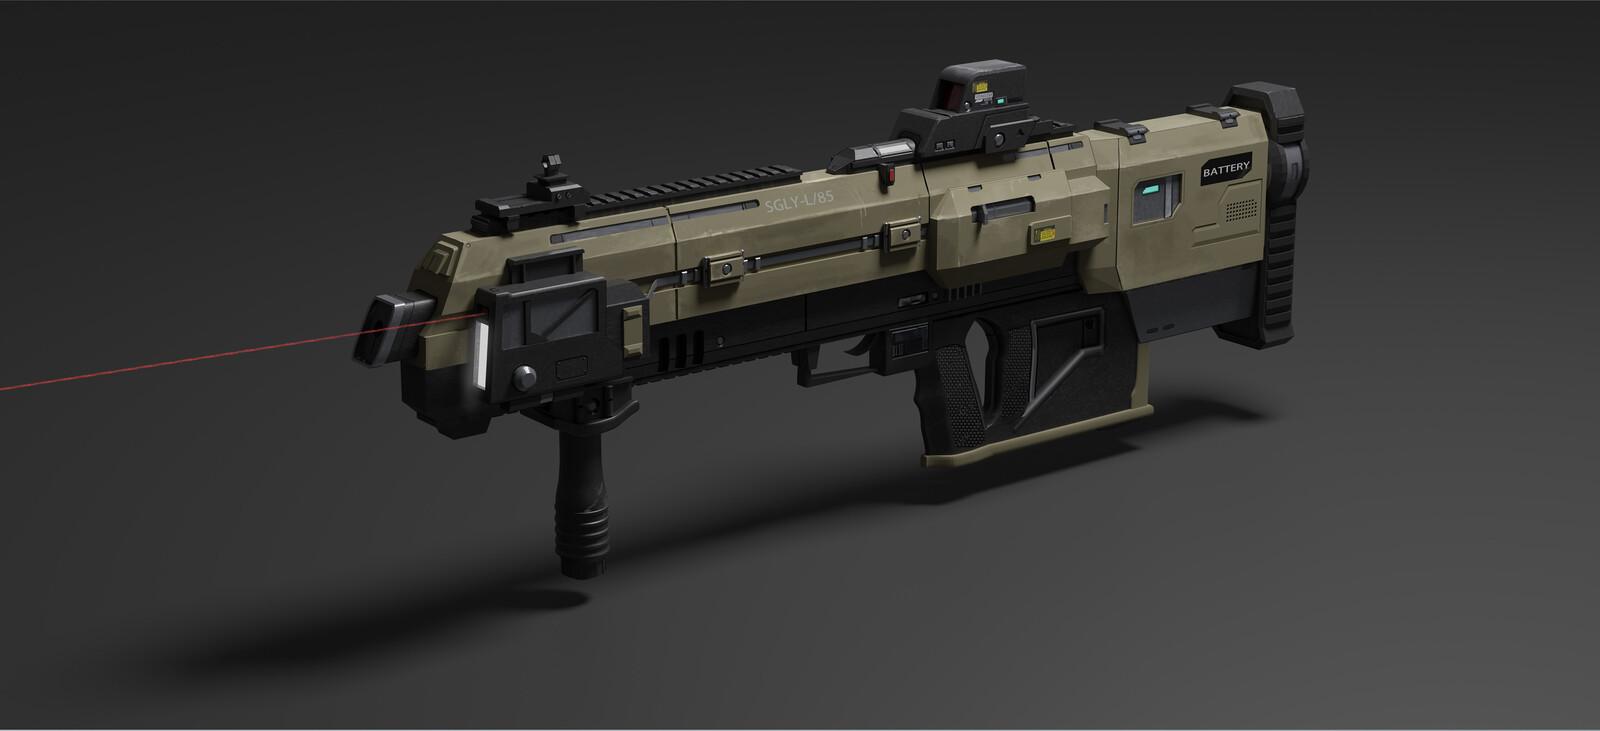 L534 Scout Weapon Design